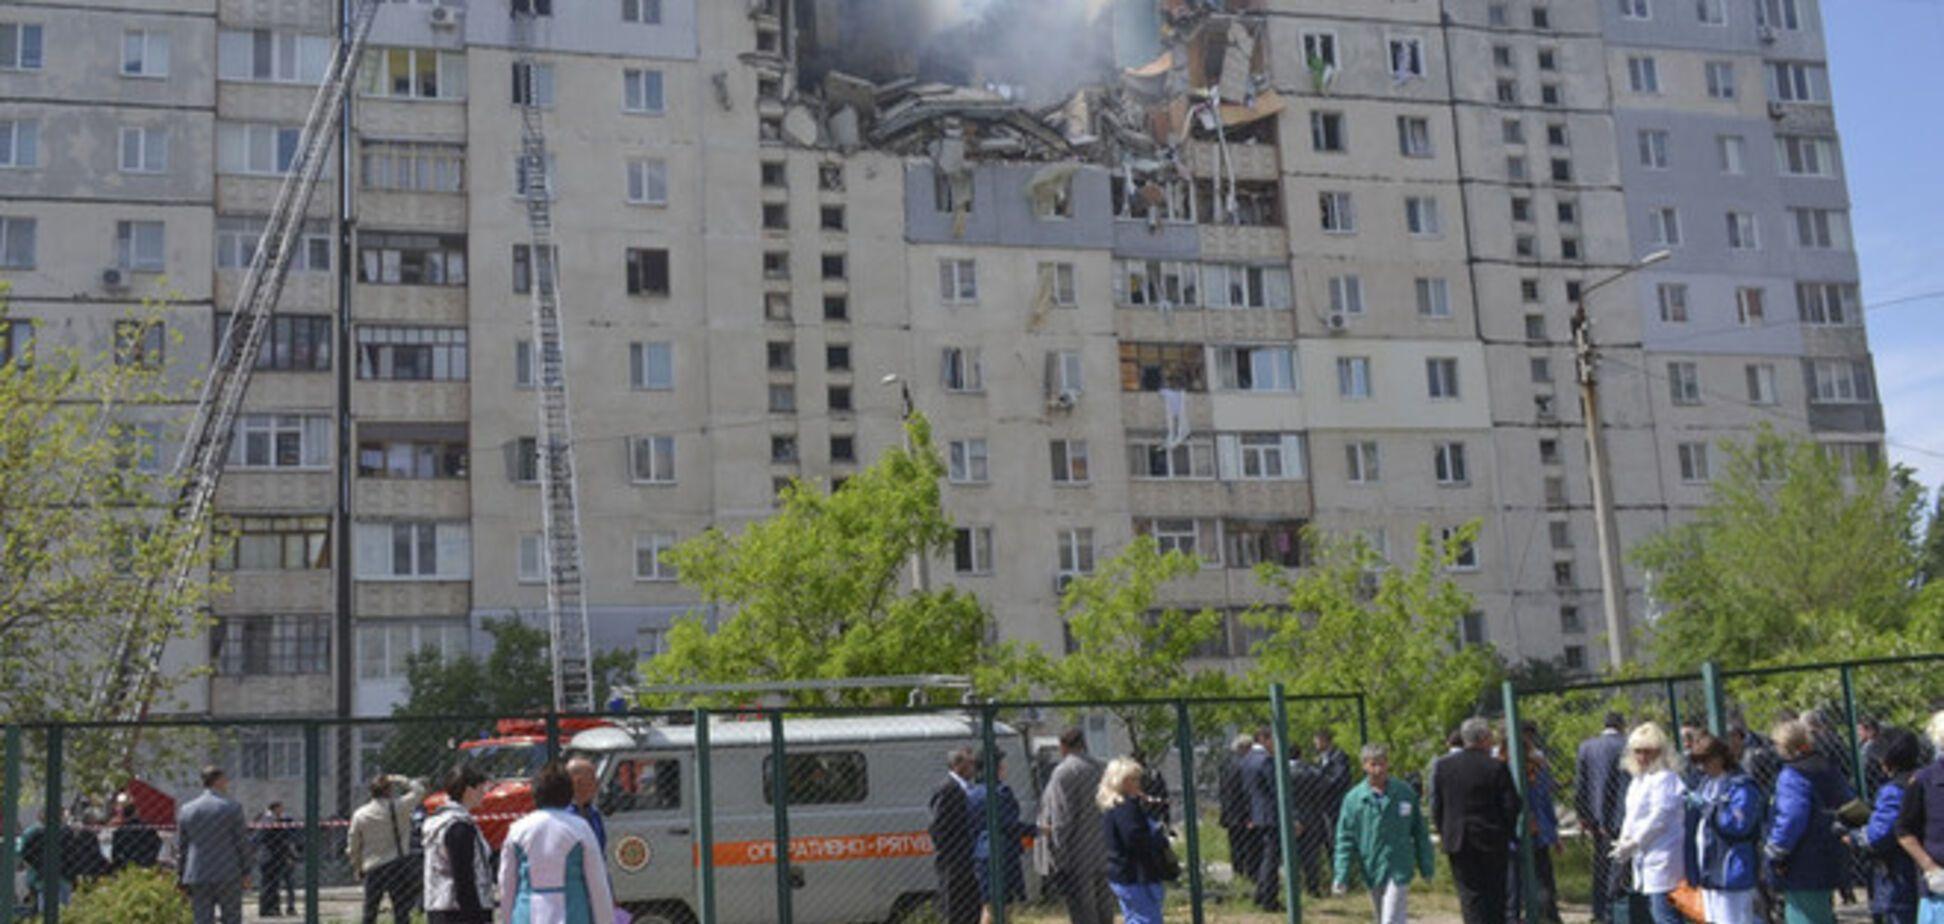 СМИ: под завалами дома в Николаеве остаются живые люди